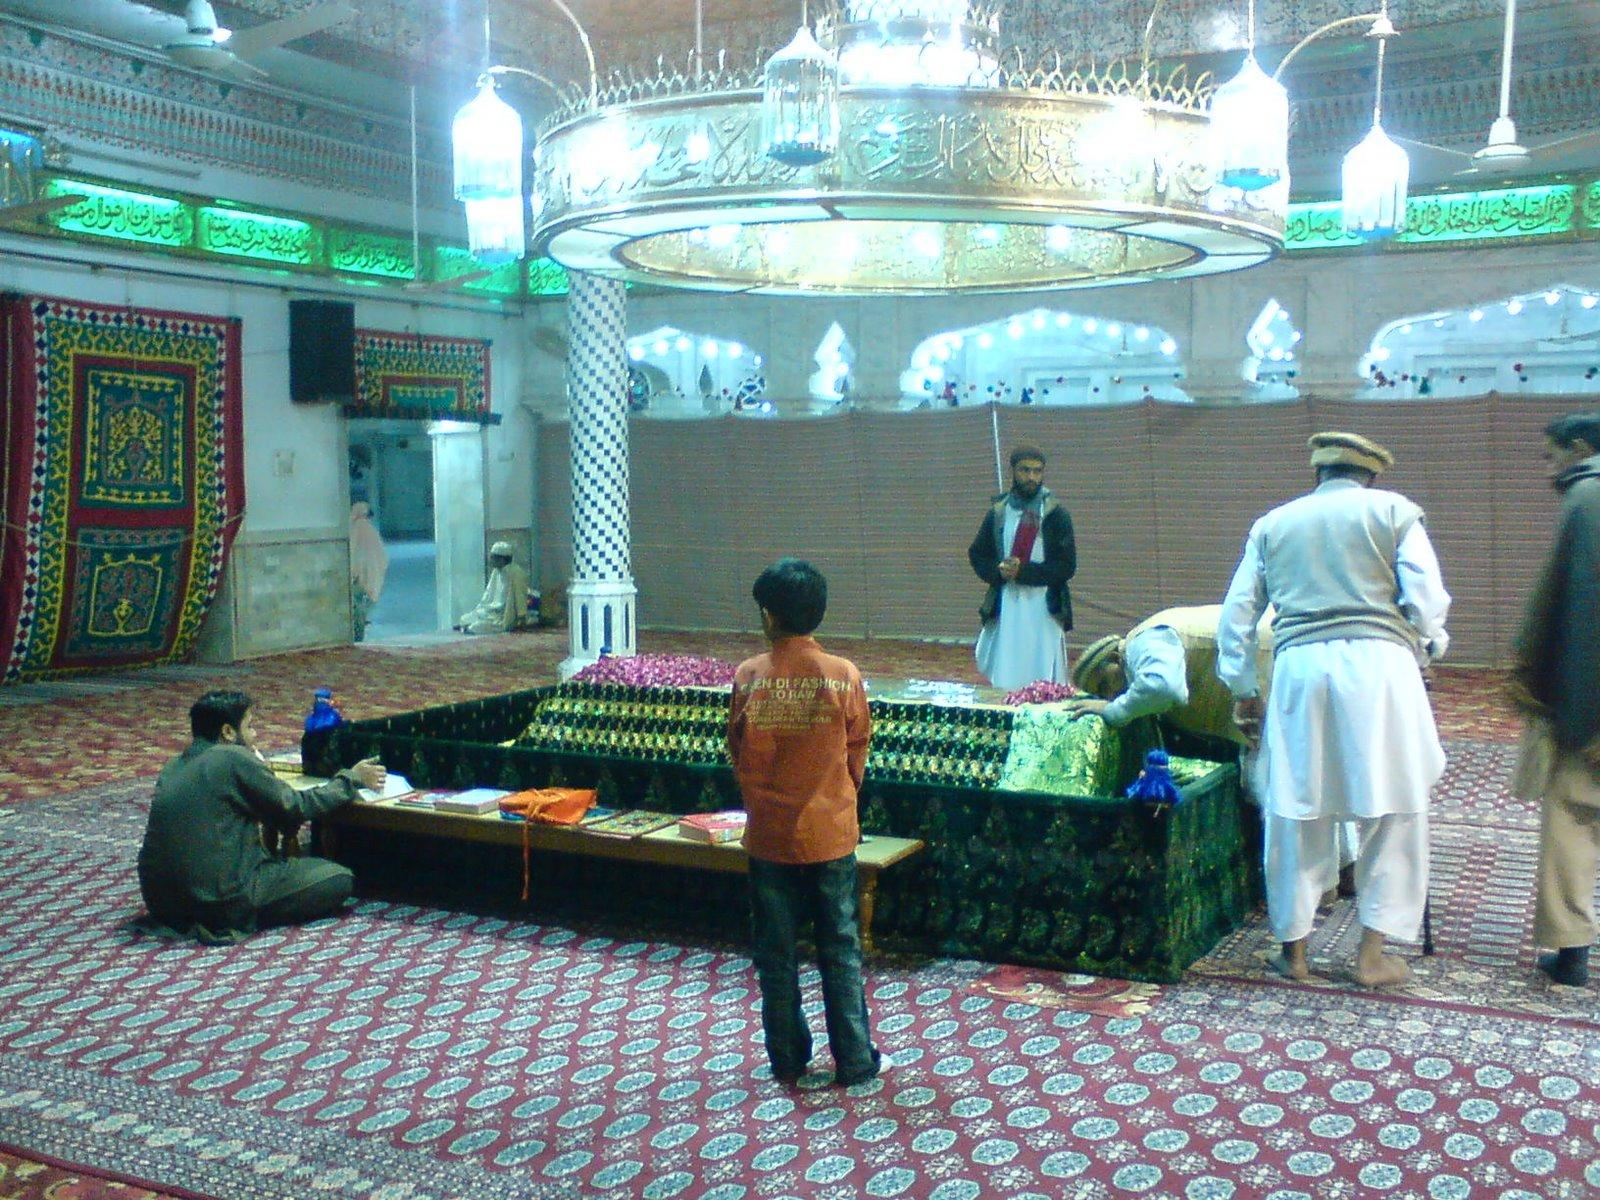 Wali Allah Indonesia Maqam Wali Allah di Pakistan